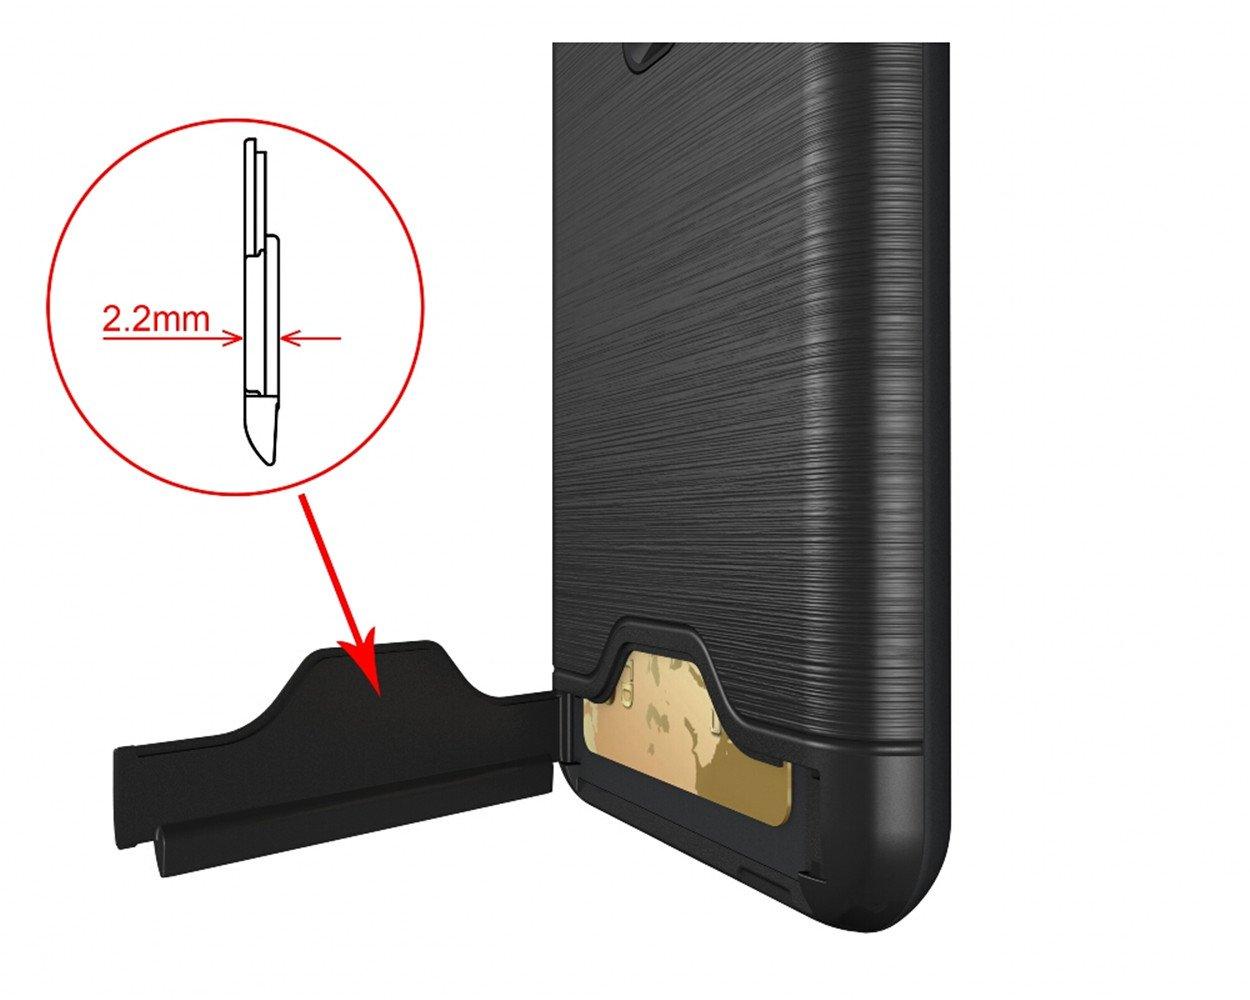 Custodia Antigraffio Trama Spazzolata Custodia Zenfone 3,Cavalletto Cover per Asus ZE552KL Hard PC Slot per Schede Dual Layer Protector Anti-Shock Zenfone3, Nero